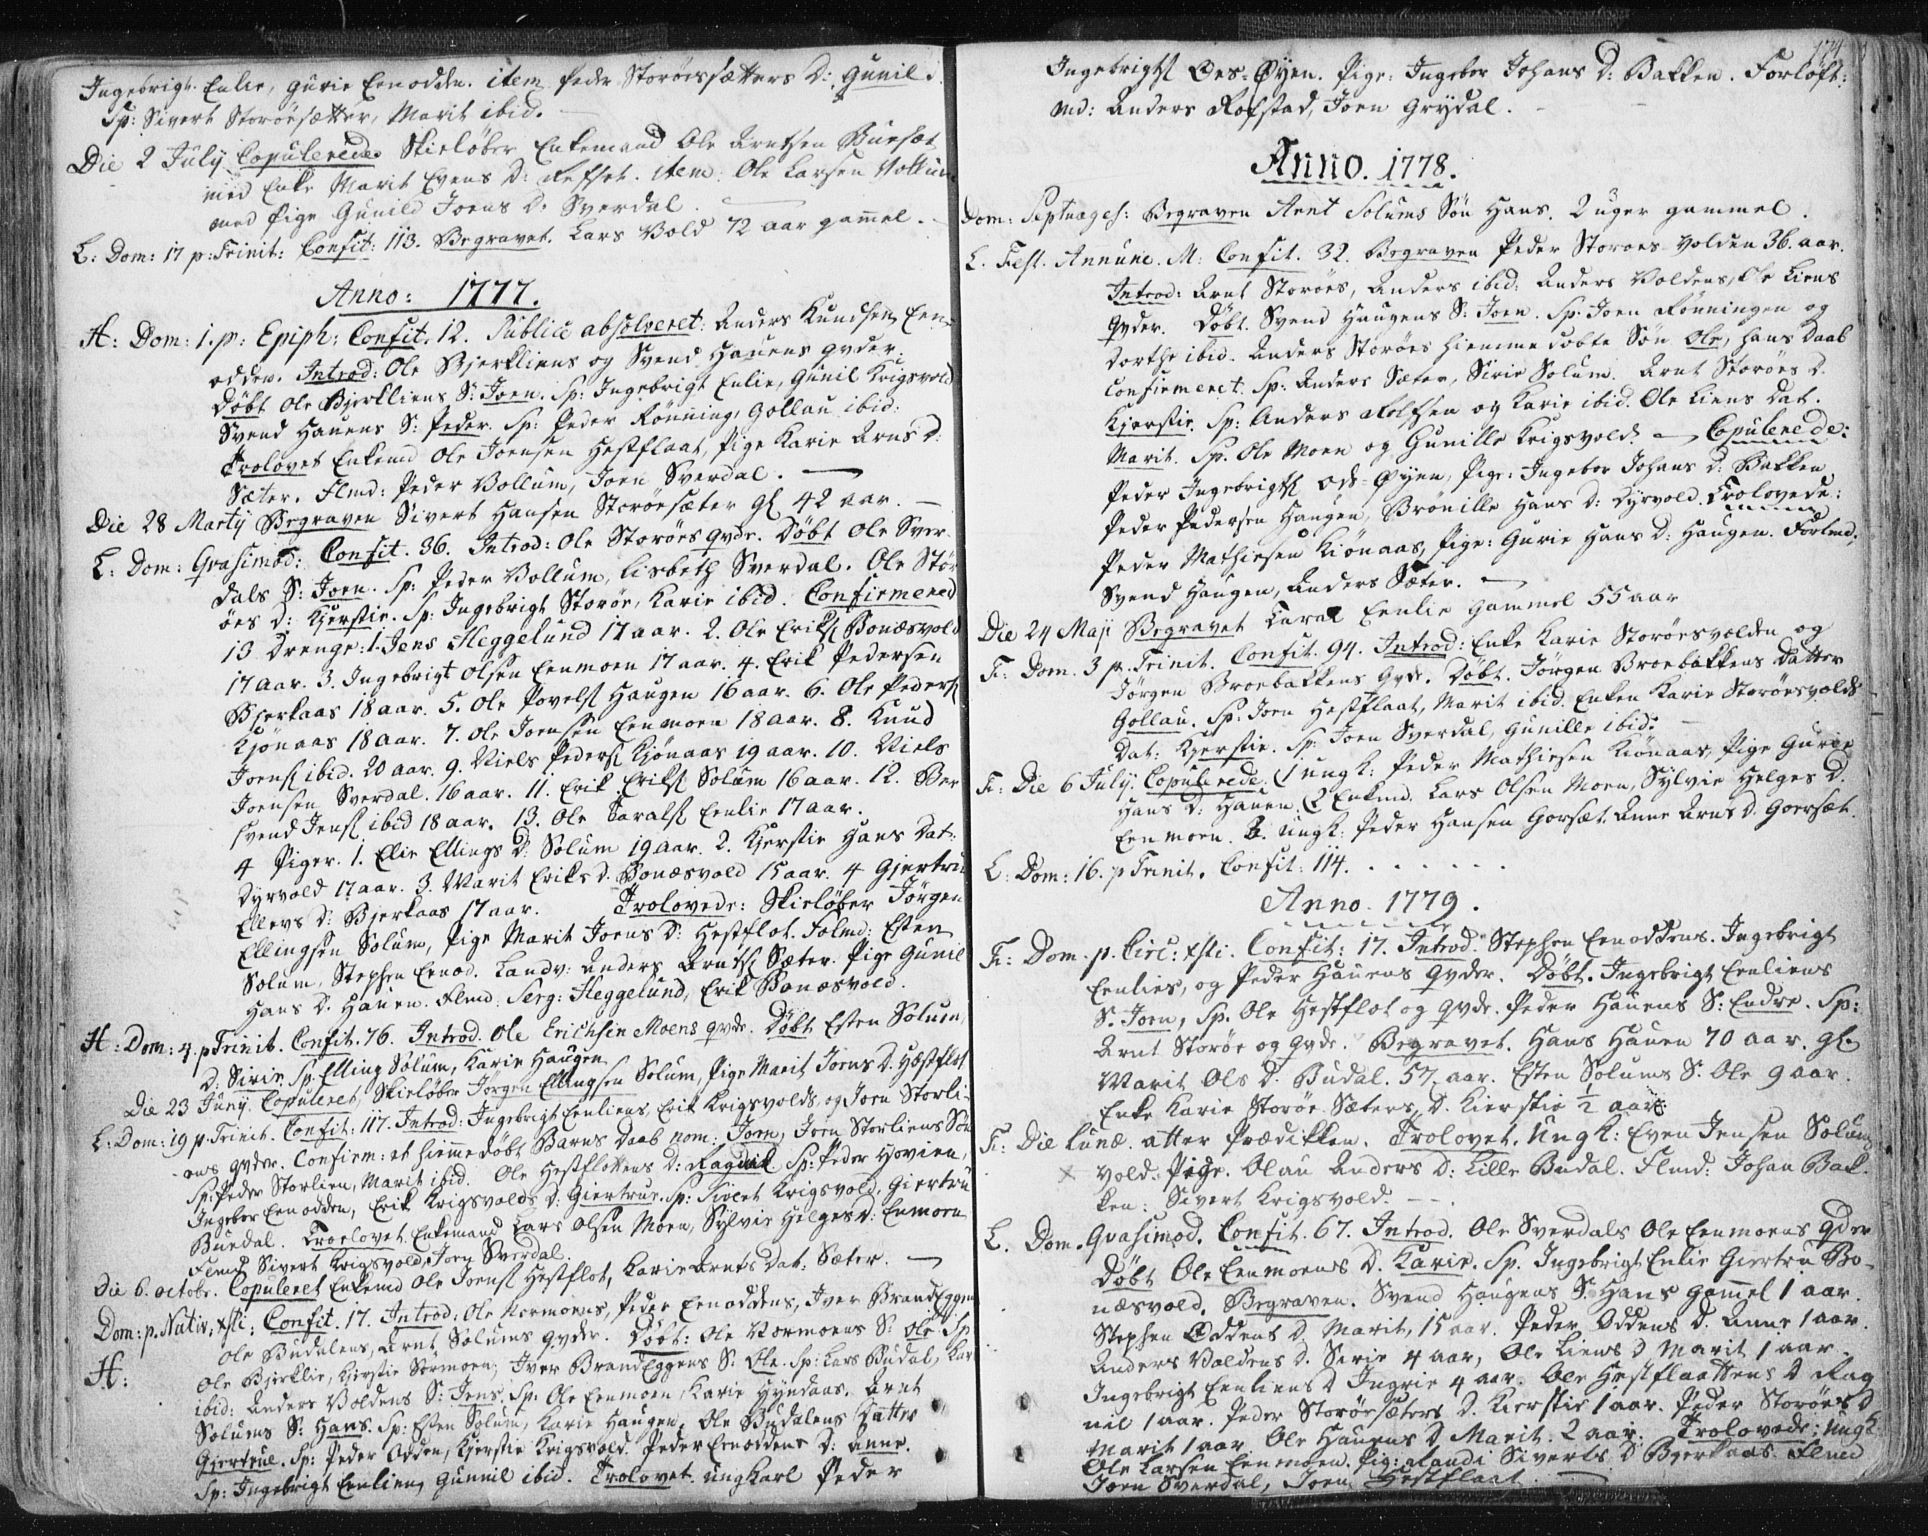 SAT, Ministerialprotokoller, klokkerbøker og fødselsregistre - Sør-Trøndelag, 687/L0991: Ministerialbok nr. 687A02, 1747-1790, s. 174